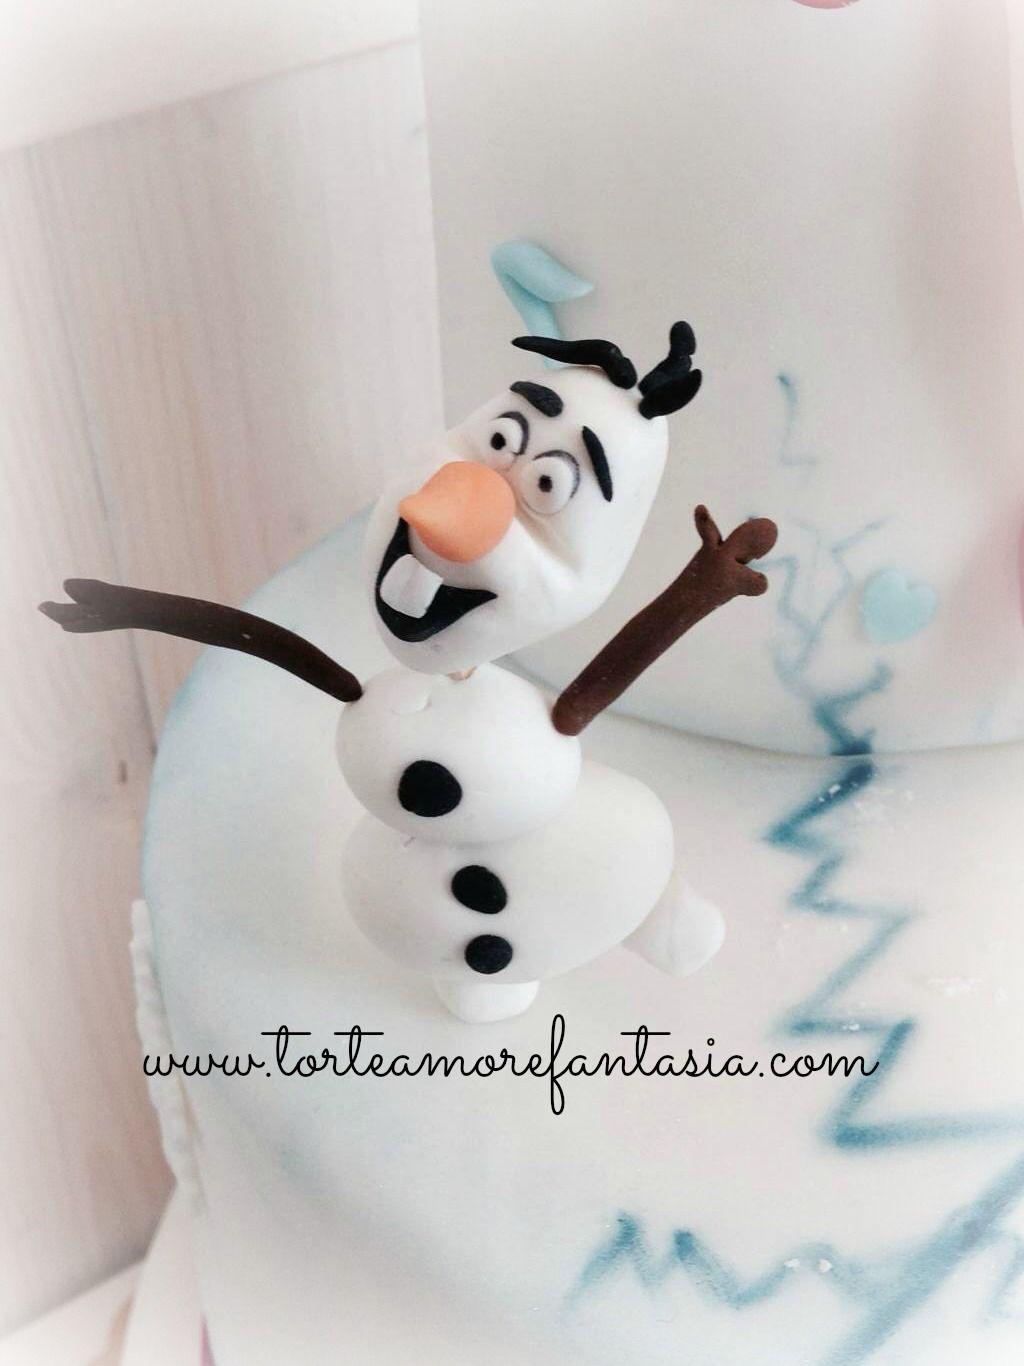 #Disney #Violetta #Frozen #Cake #Party #Personalizzati #Baby #Castelli #Romani #Torte #Decorate www.torteamorefantasia.com